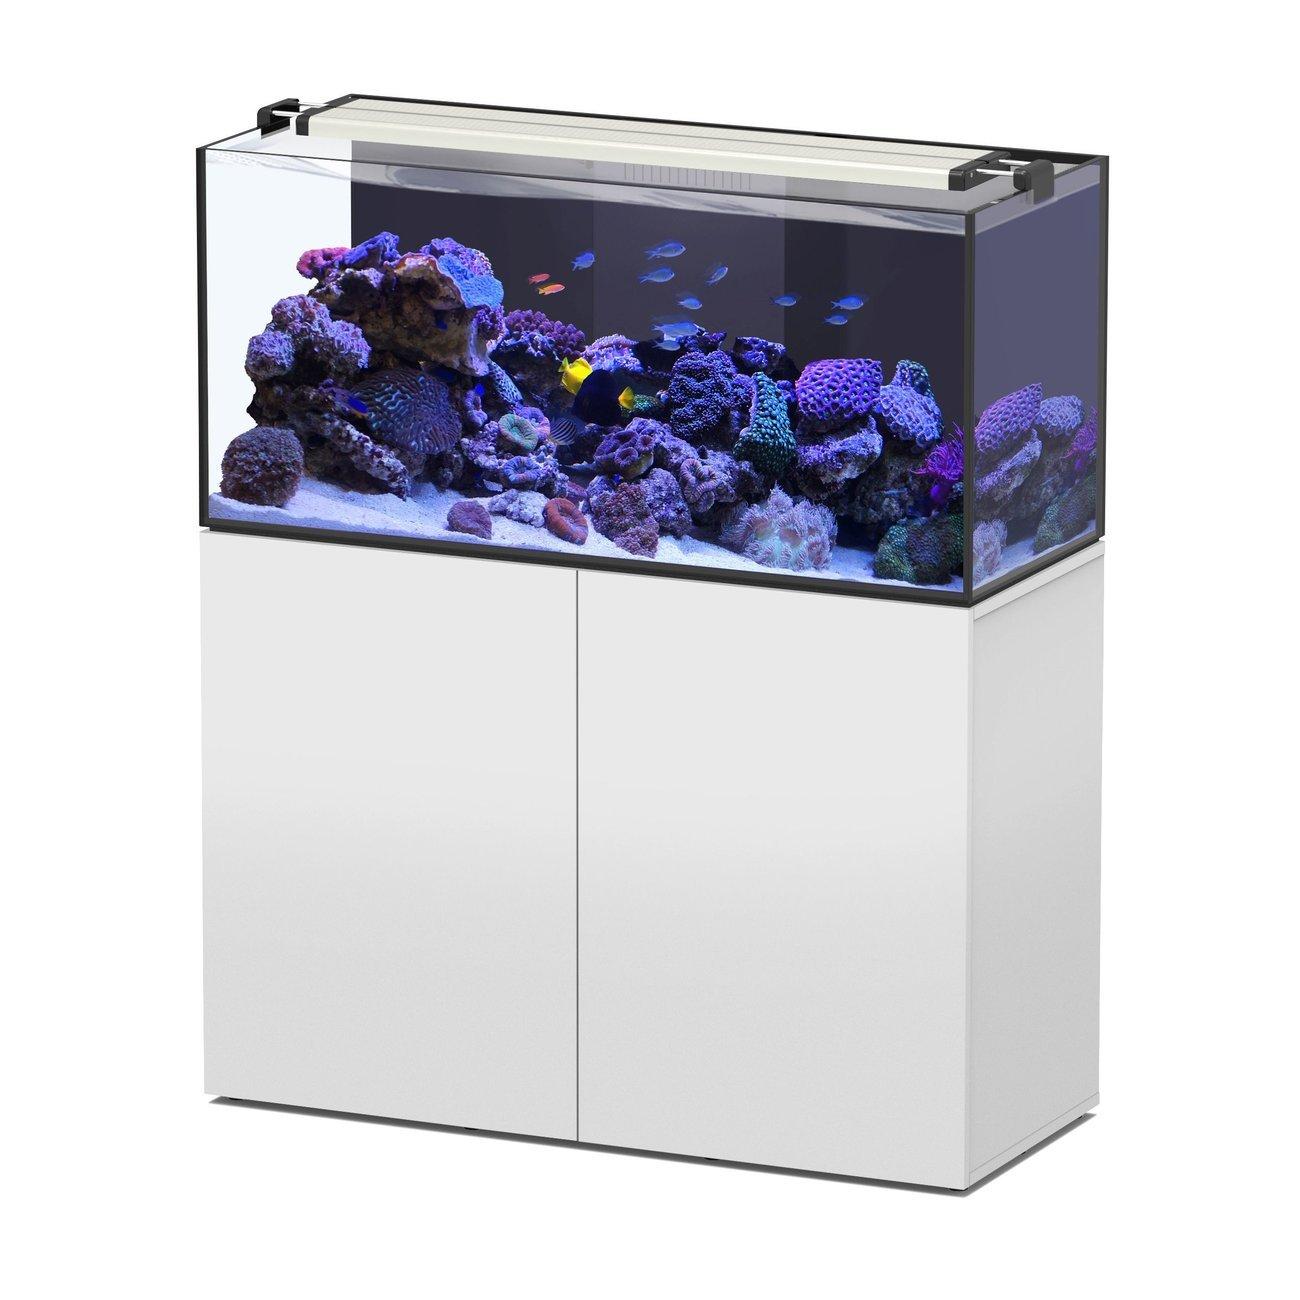 Aquatlantis AquaView 120 mit Unterschrank, Bild 4